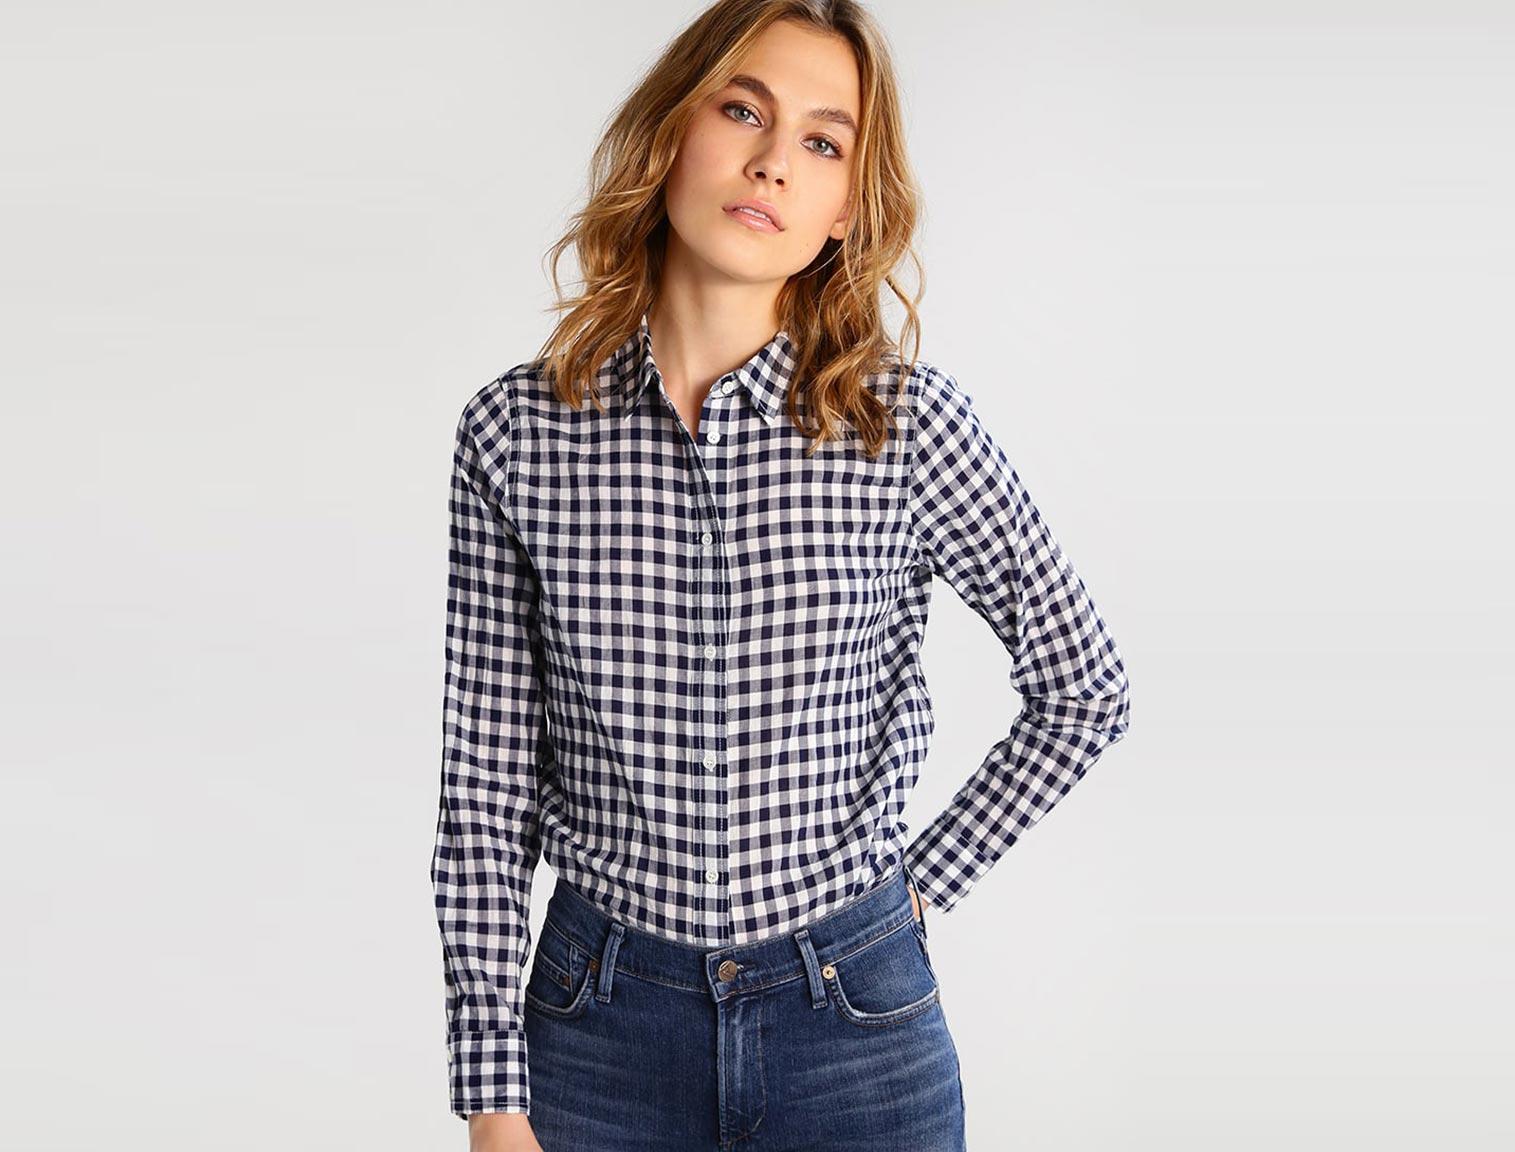 d4f184c7b Mujer con camisa de cuadros azul y blanca